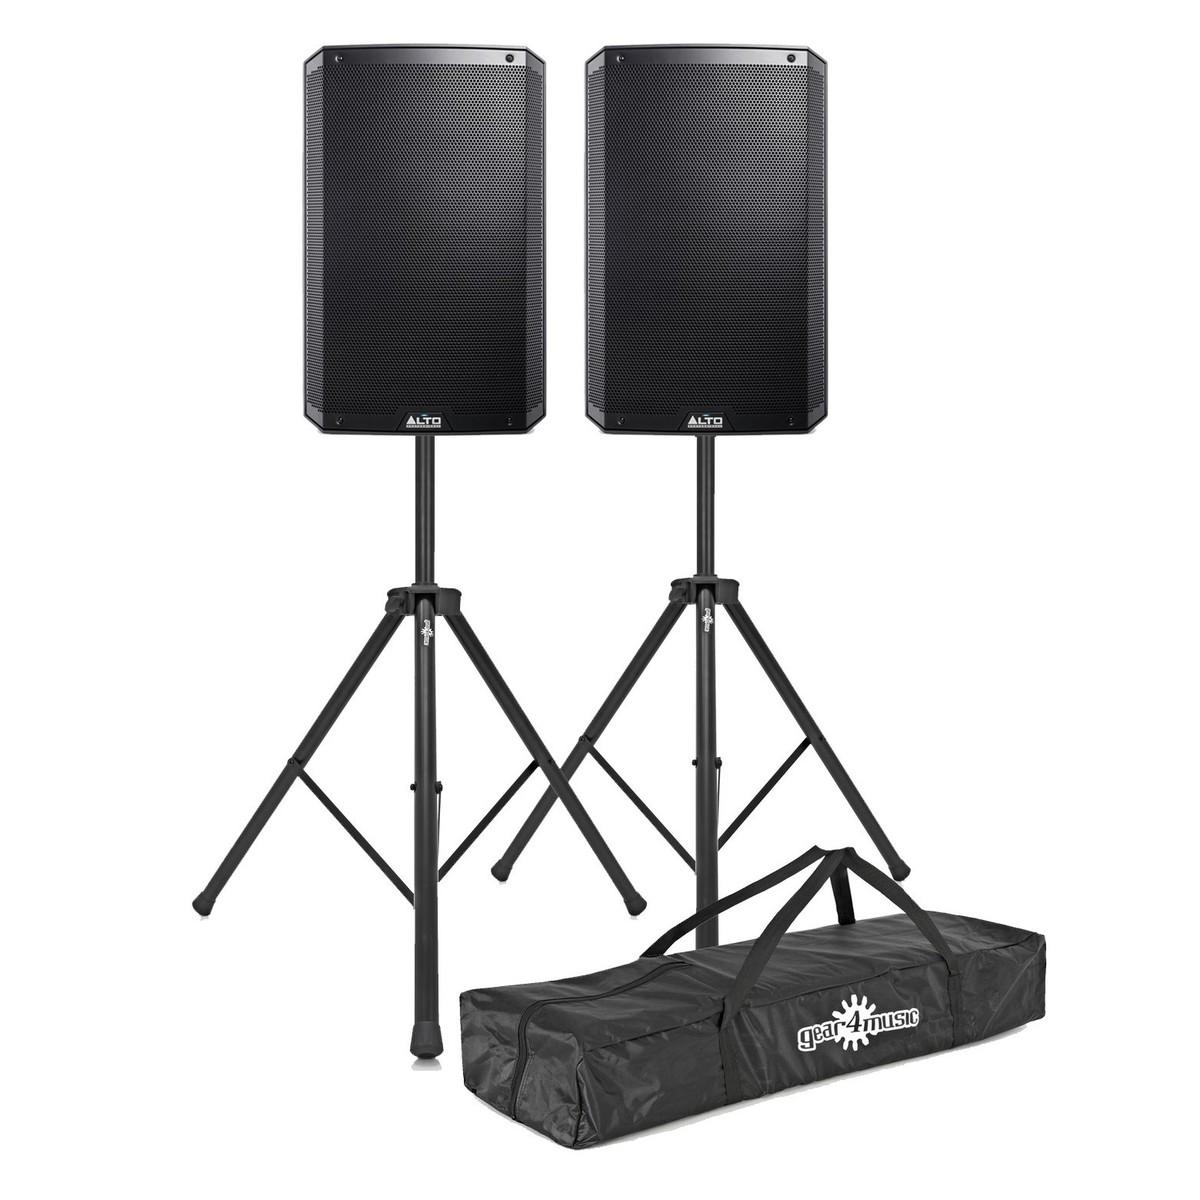 Schema Collegamento Xlr : Alto ts315 2000 watt diffusori attivi con stand coppia a gear4music.com